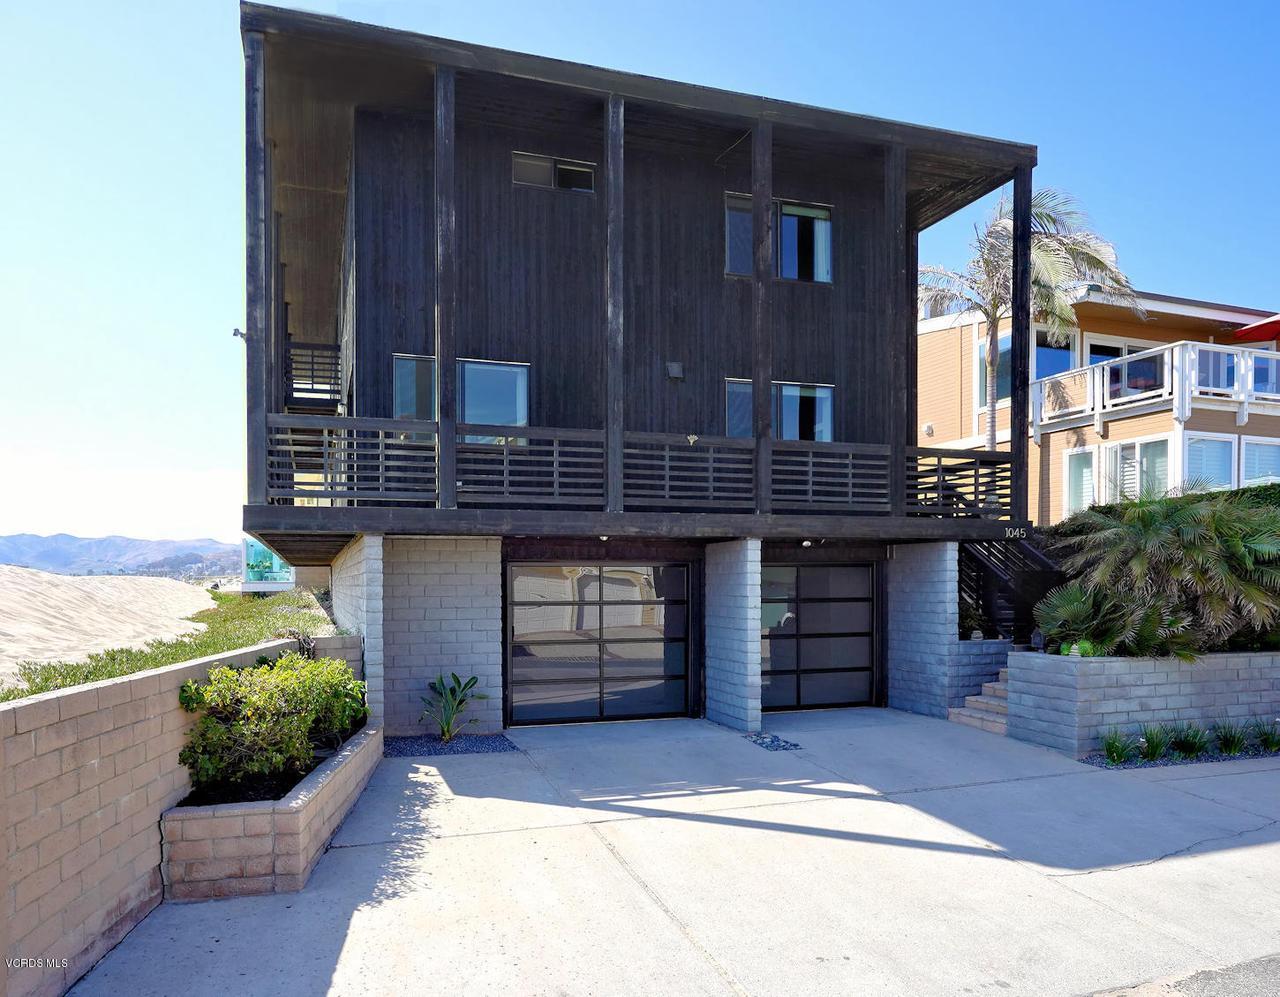 Photo of 1045 WATERBURY Lane, Ventura, CA 93001